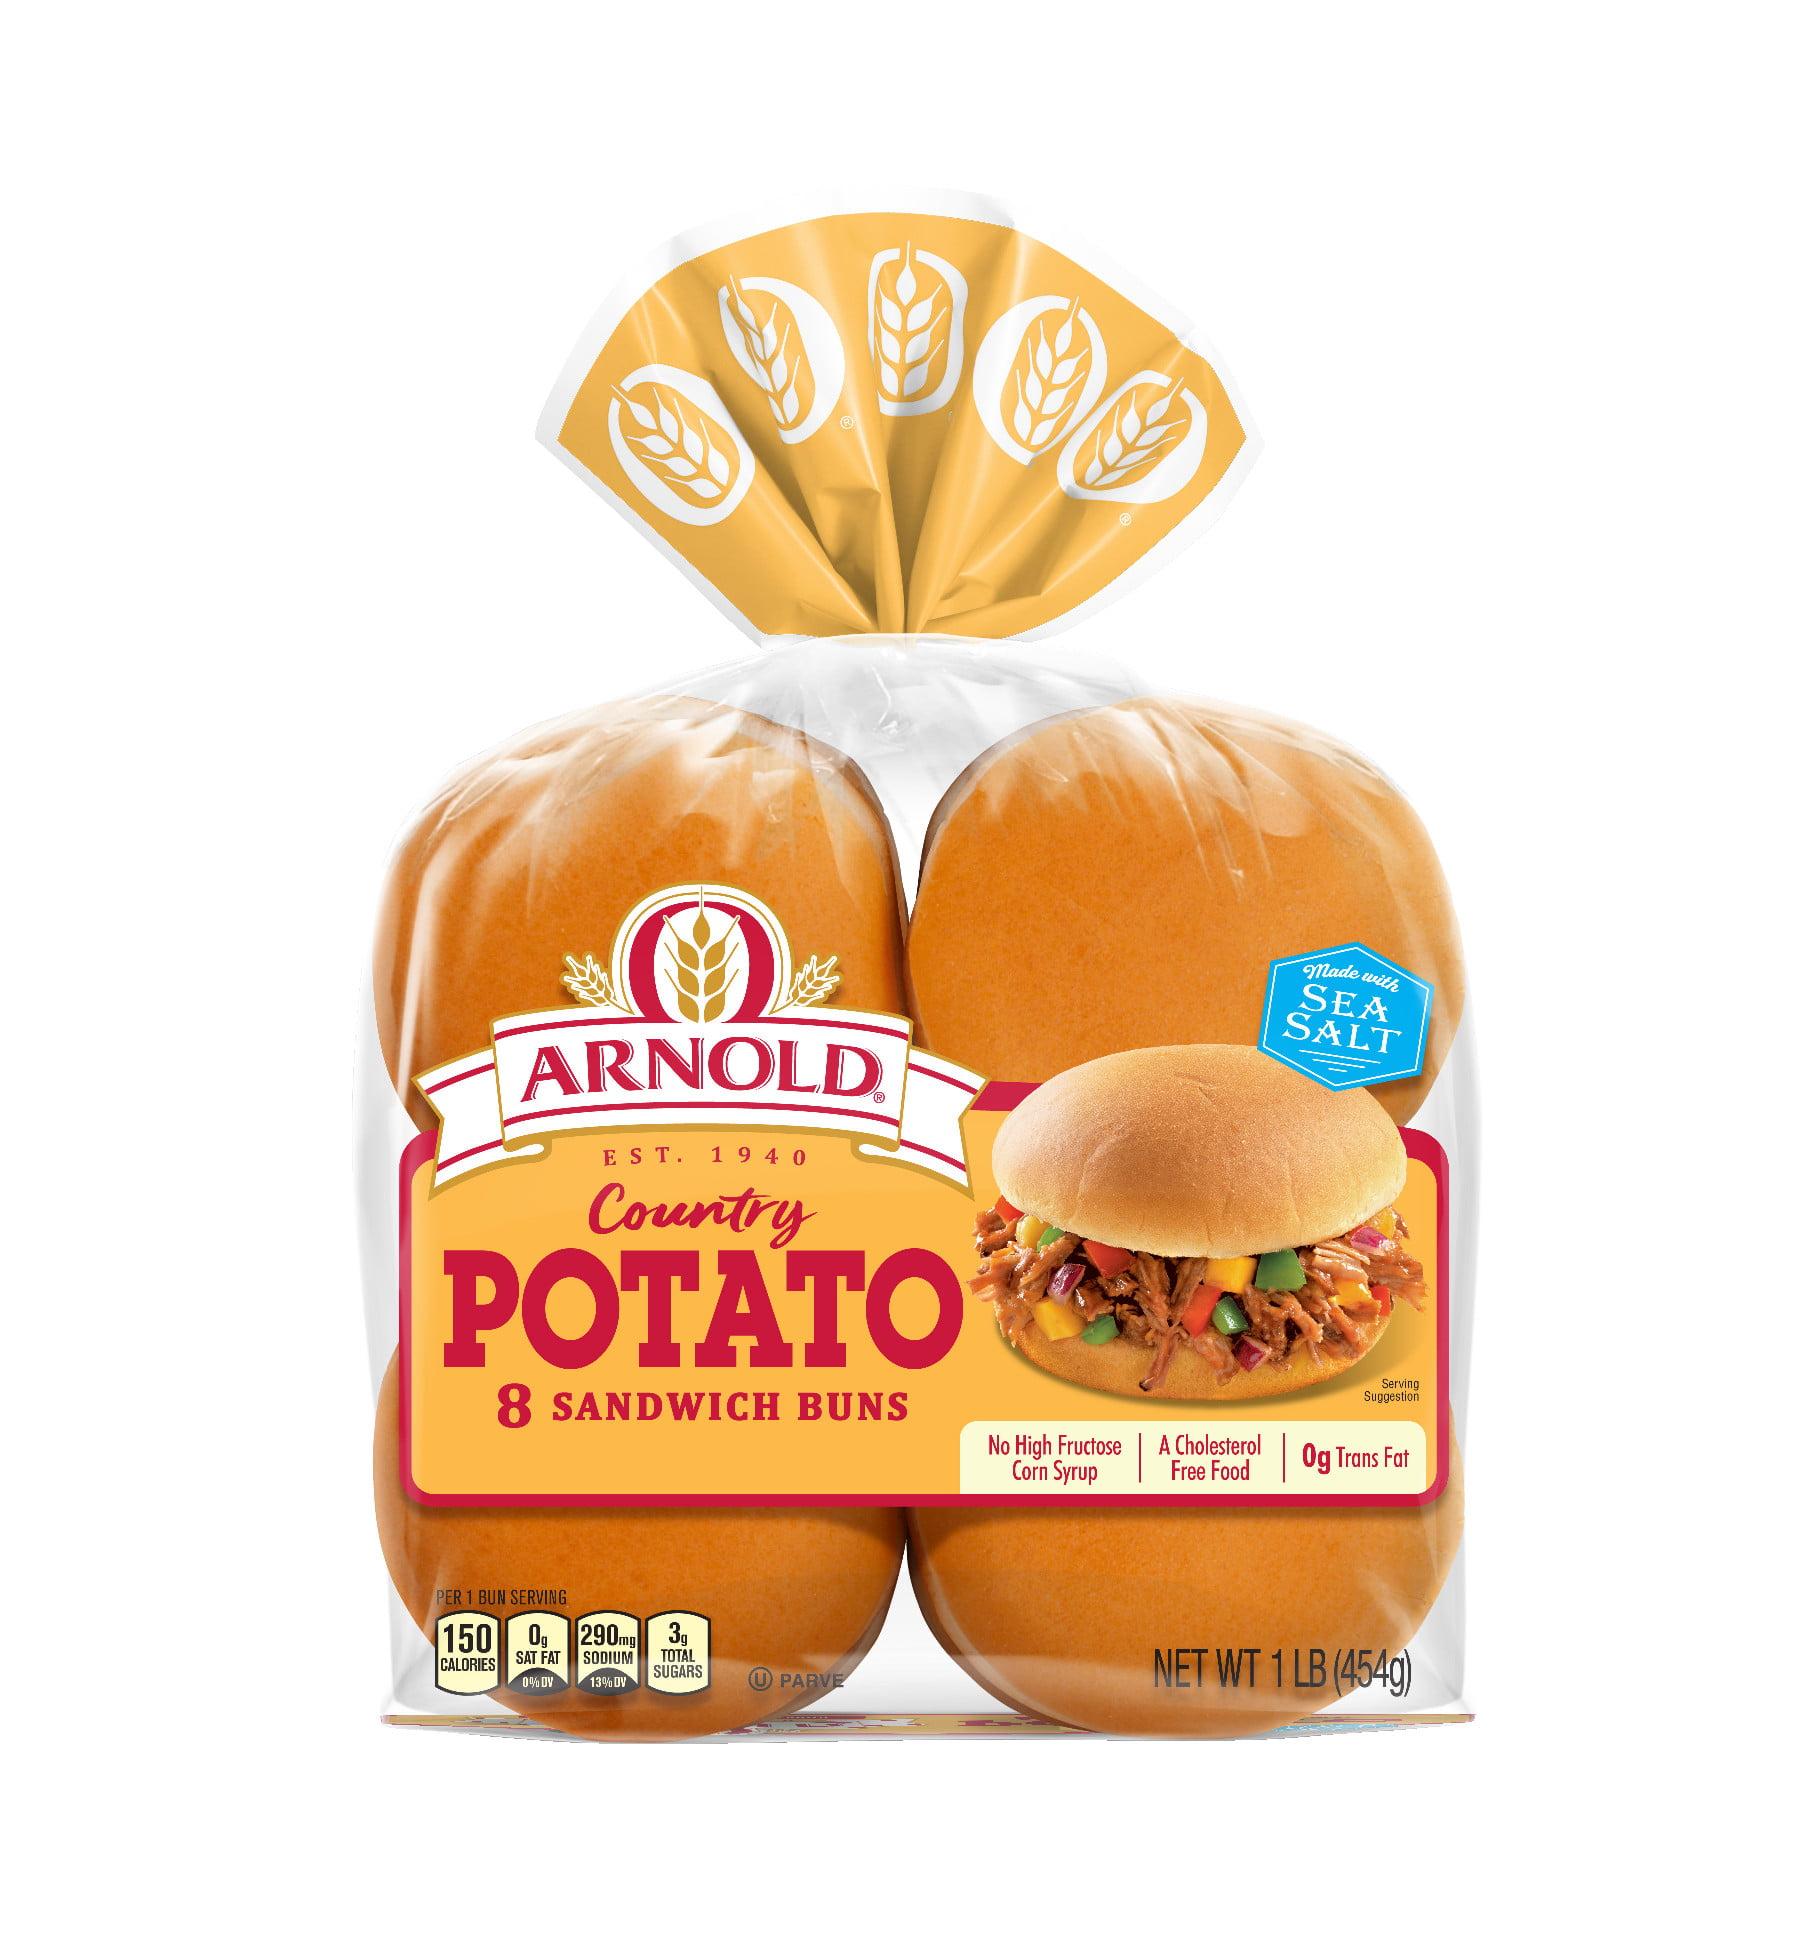 Arnold Country Potato Sandwich Buns, 8 Buns, 16 oz